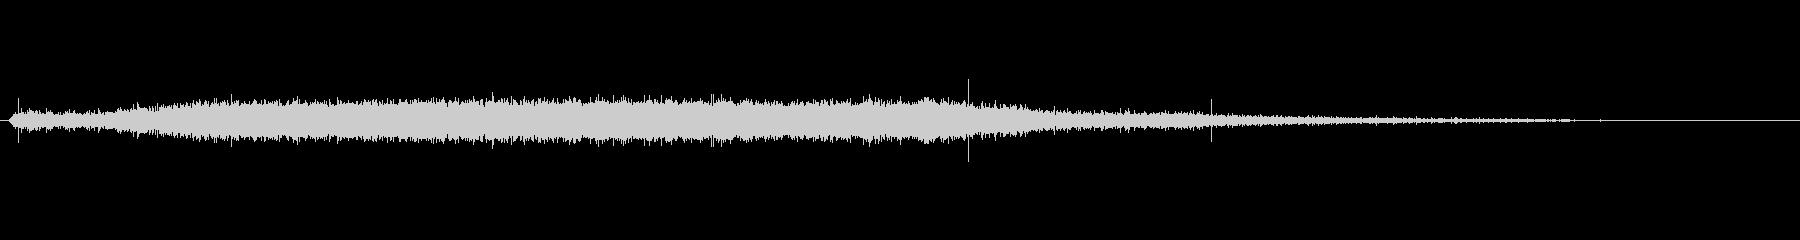 ドリル-ドリルプレス-楽器の未再生の波形